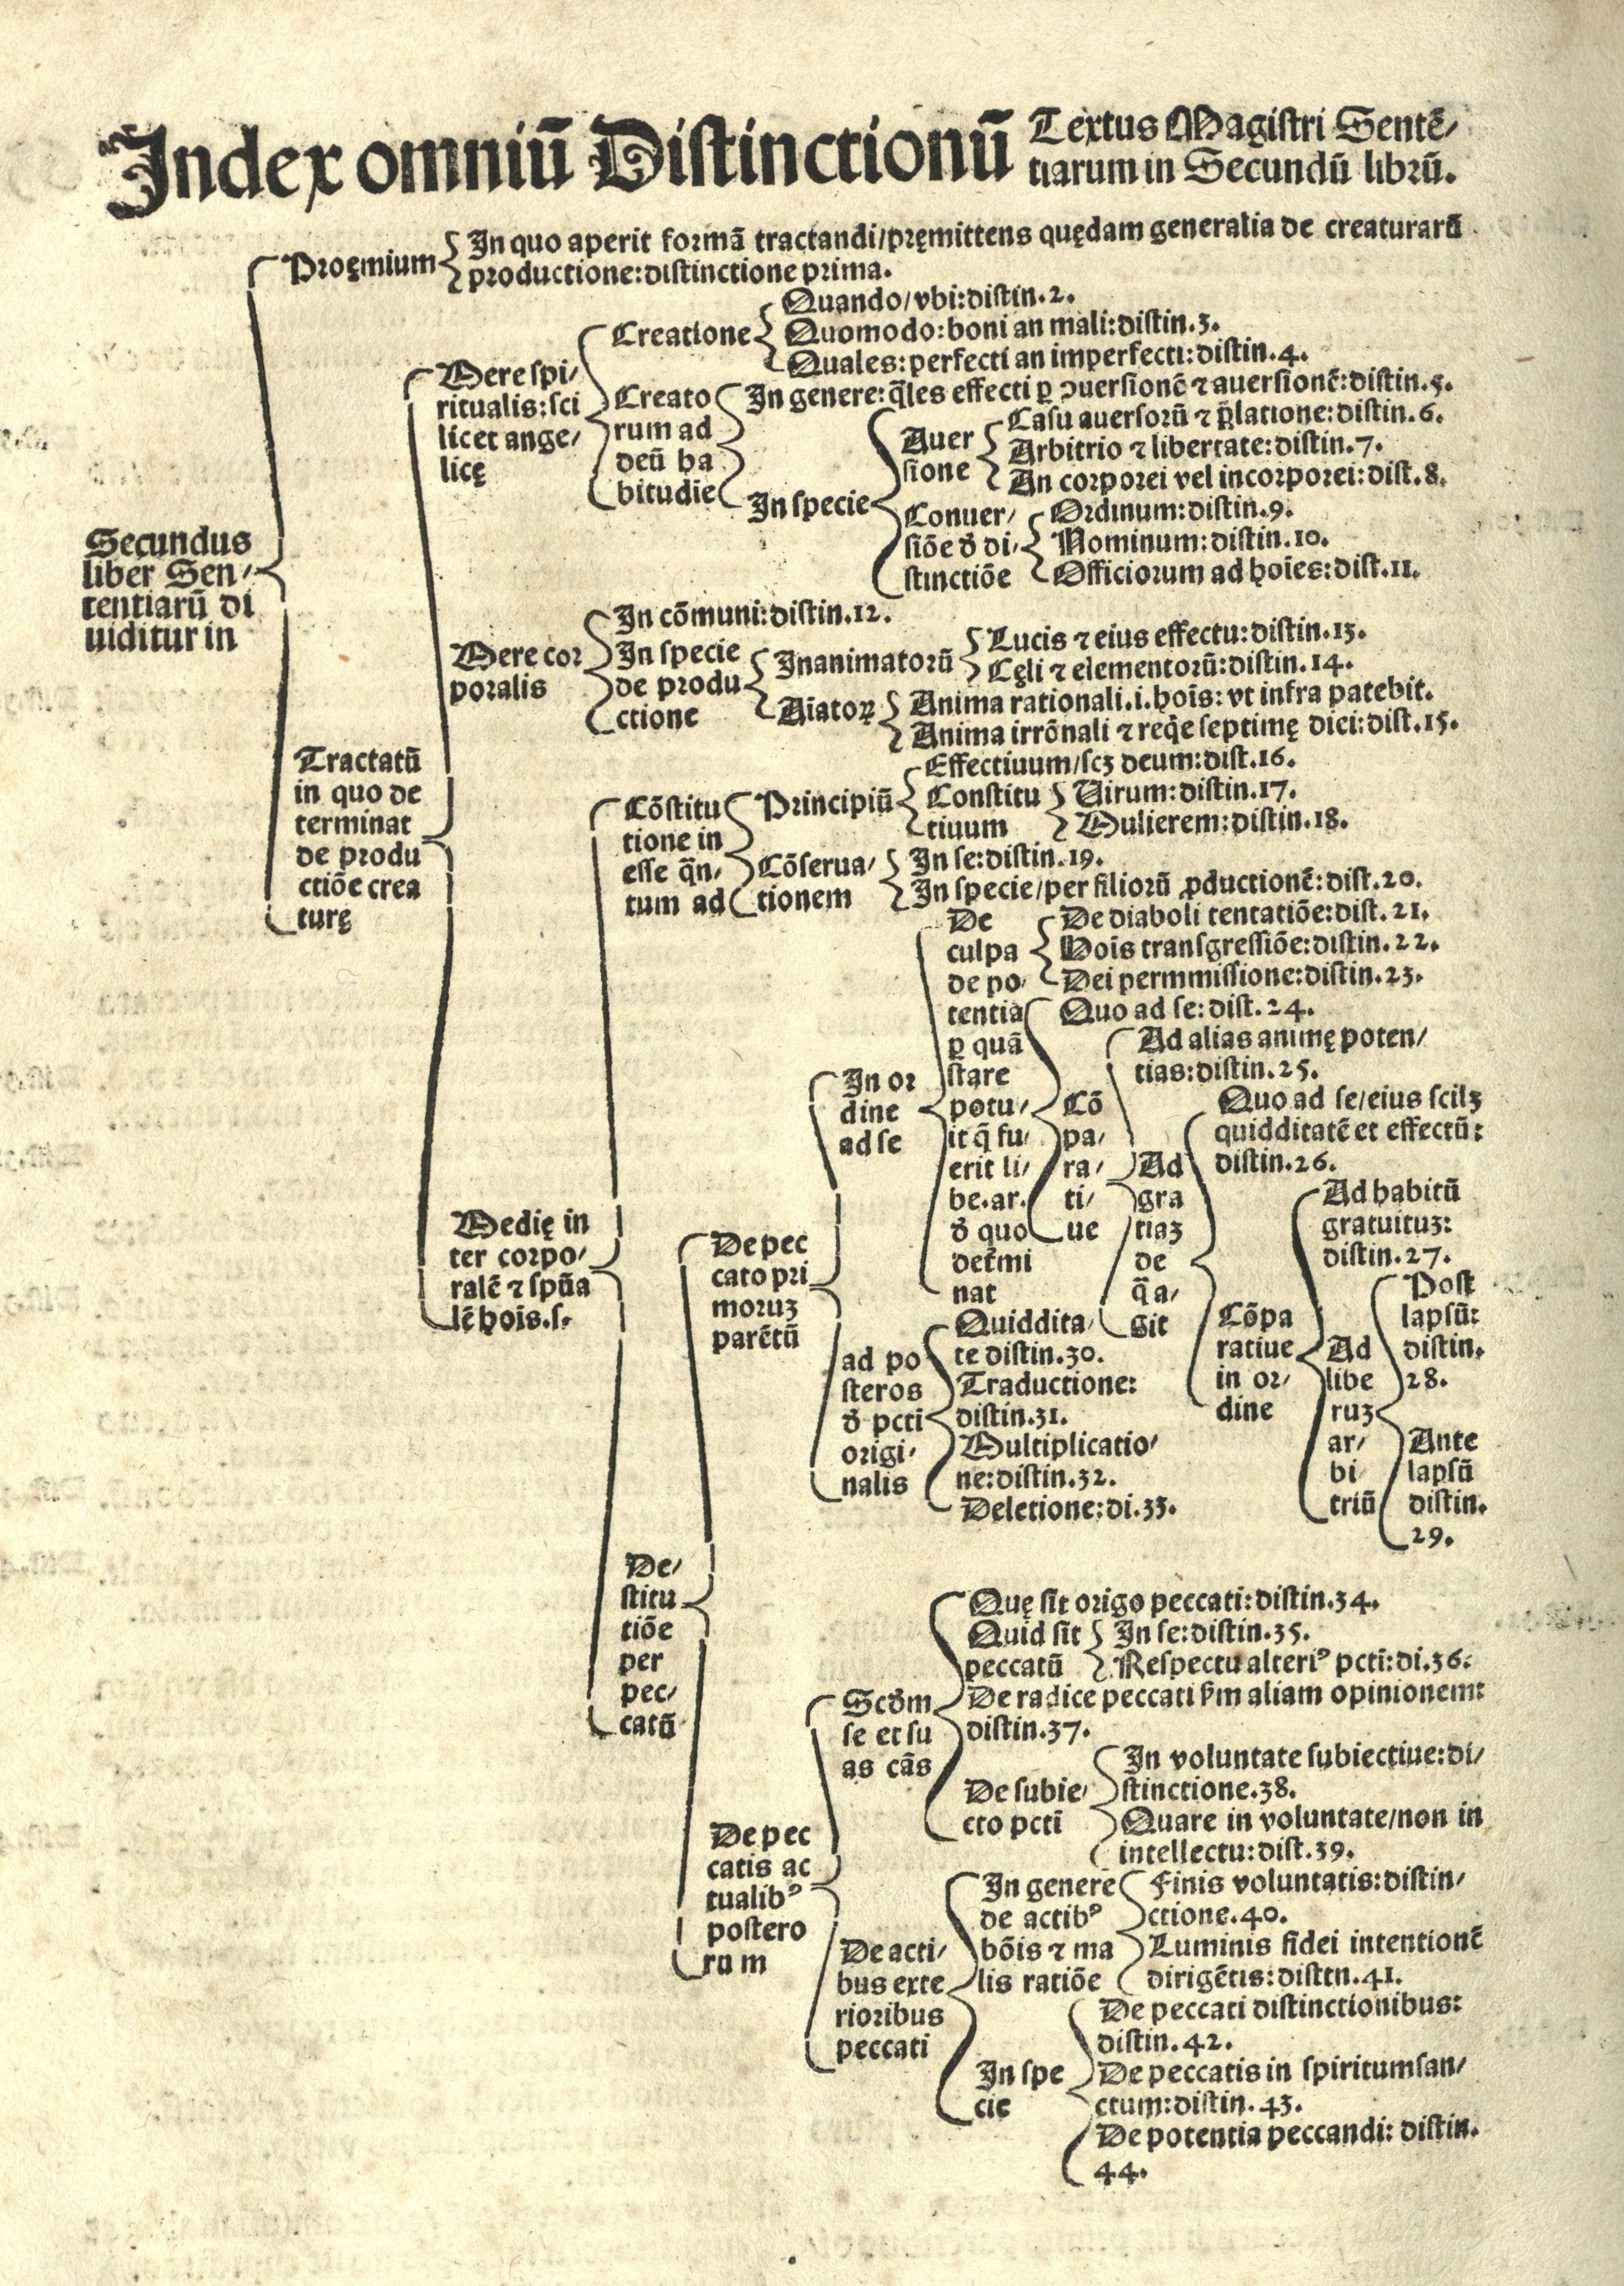 Index omnium distinctionum, a manera de cuadro sinóptico.